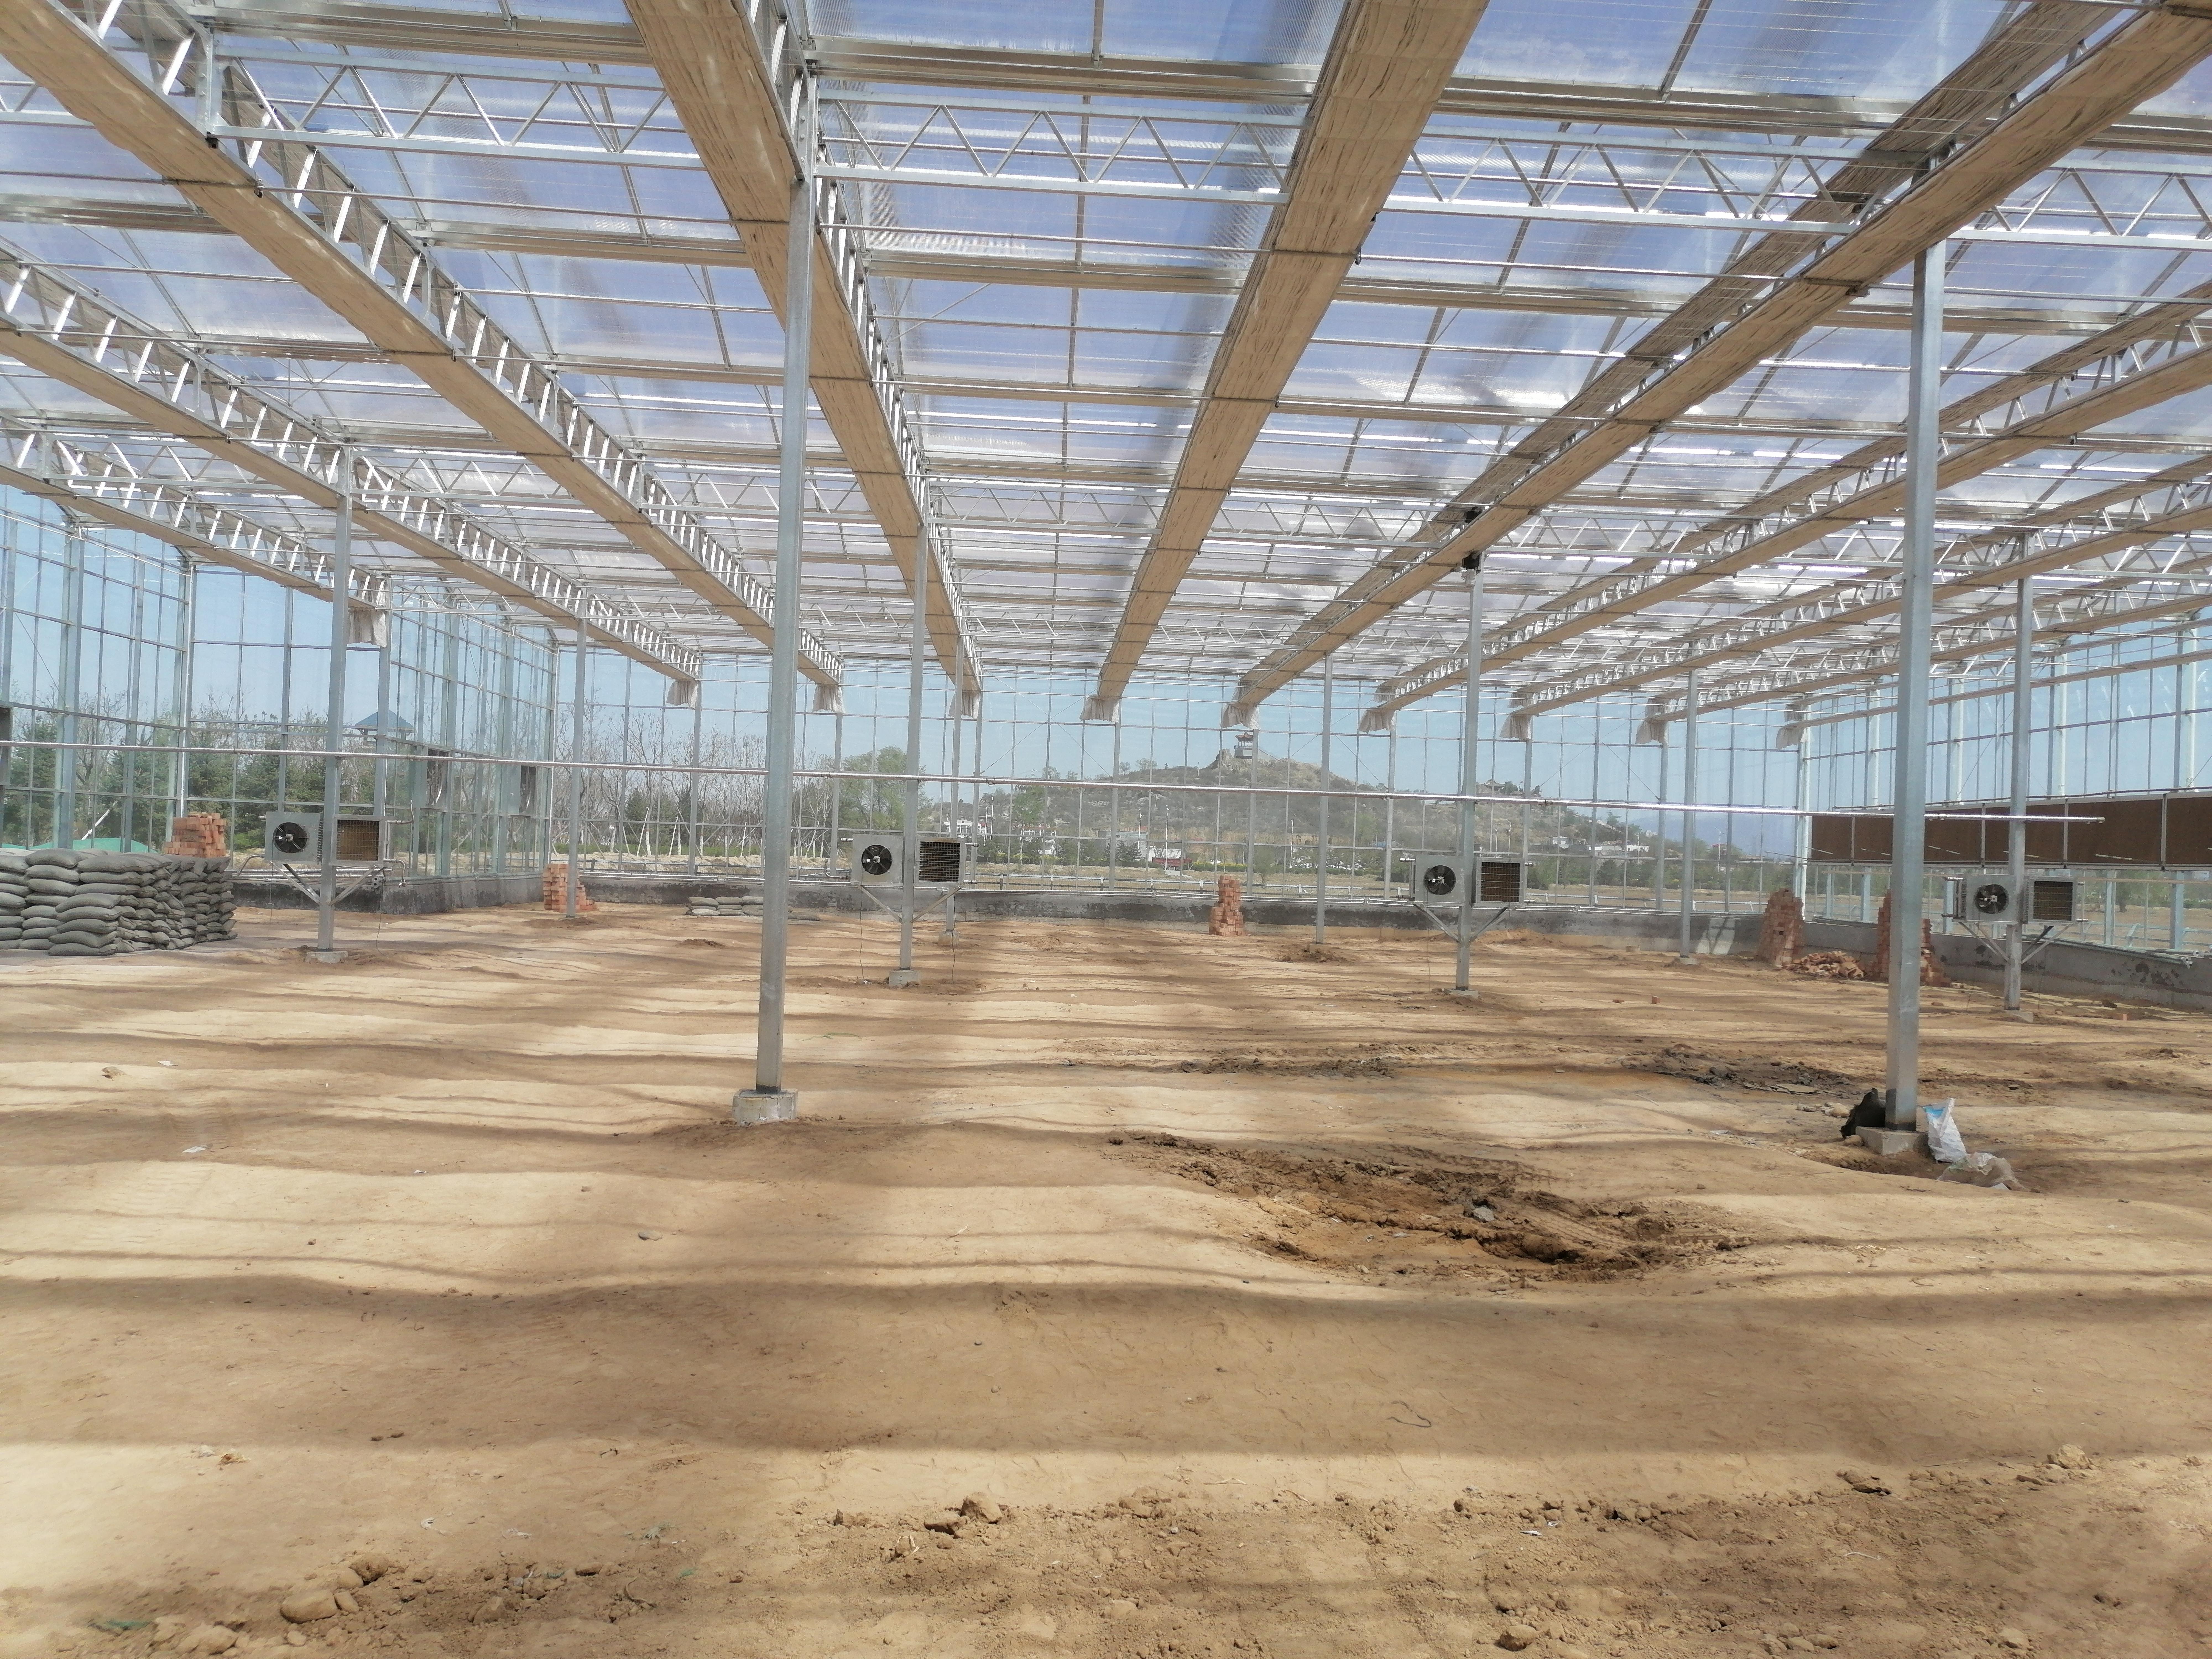 温室大棚设计建造案例分享,智能温室大棚造价一亩地多少钱